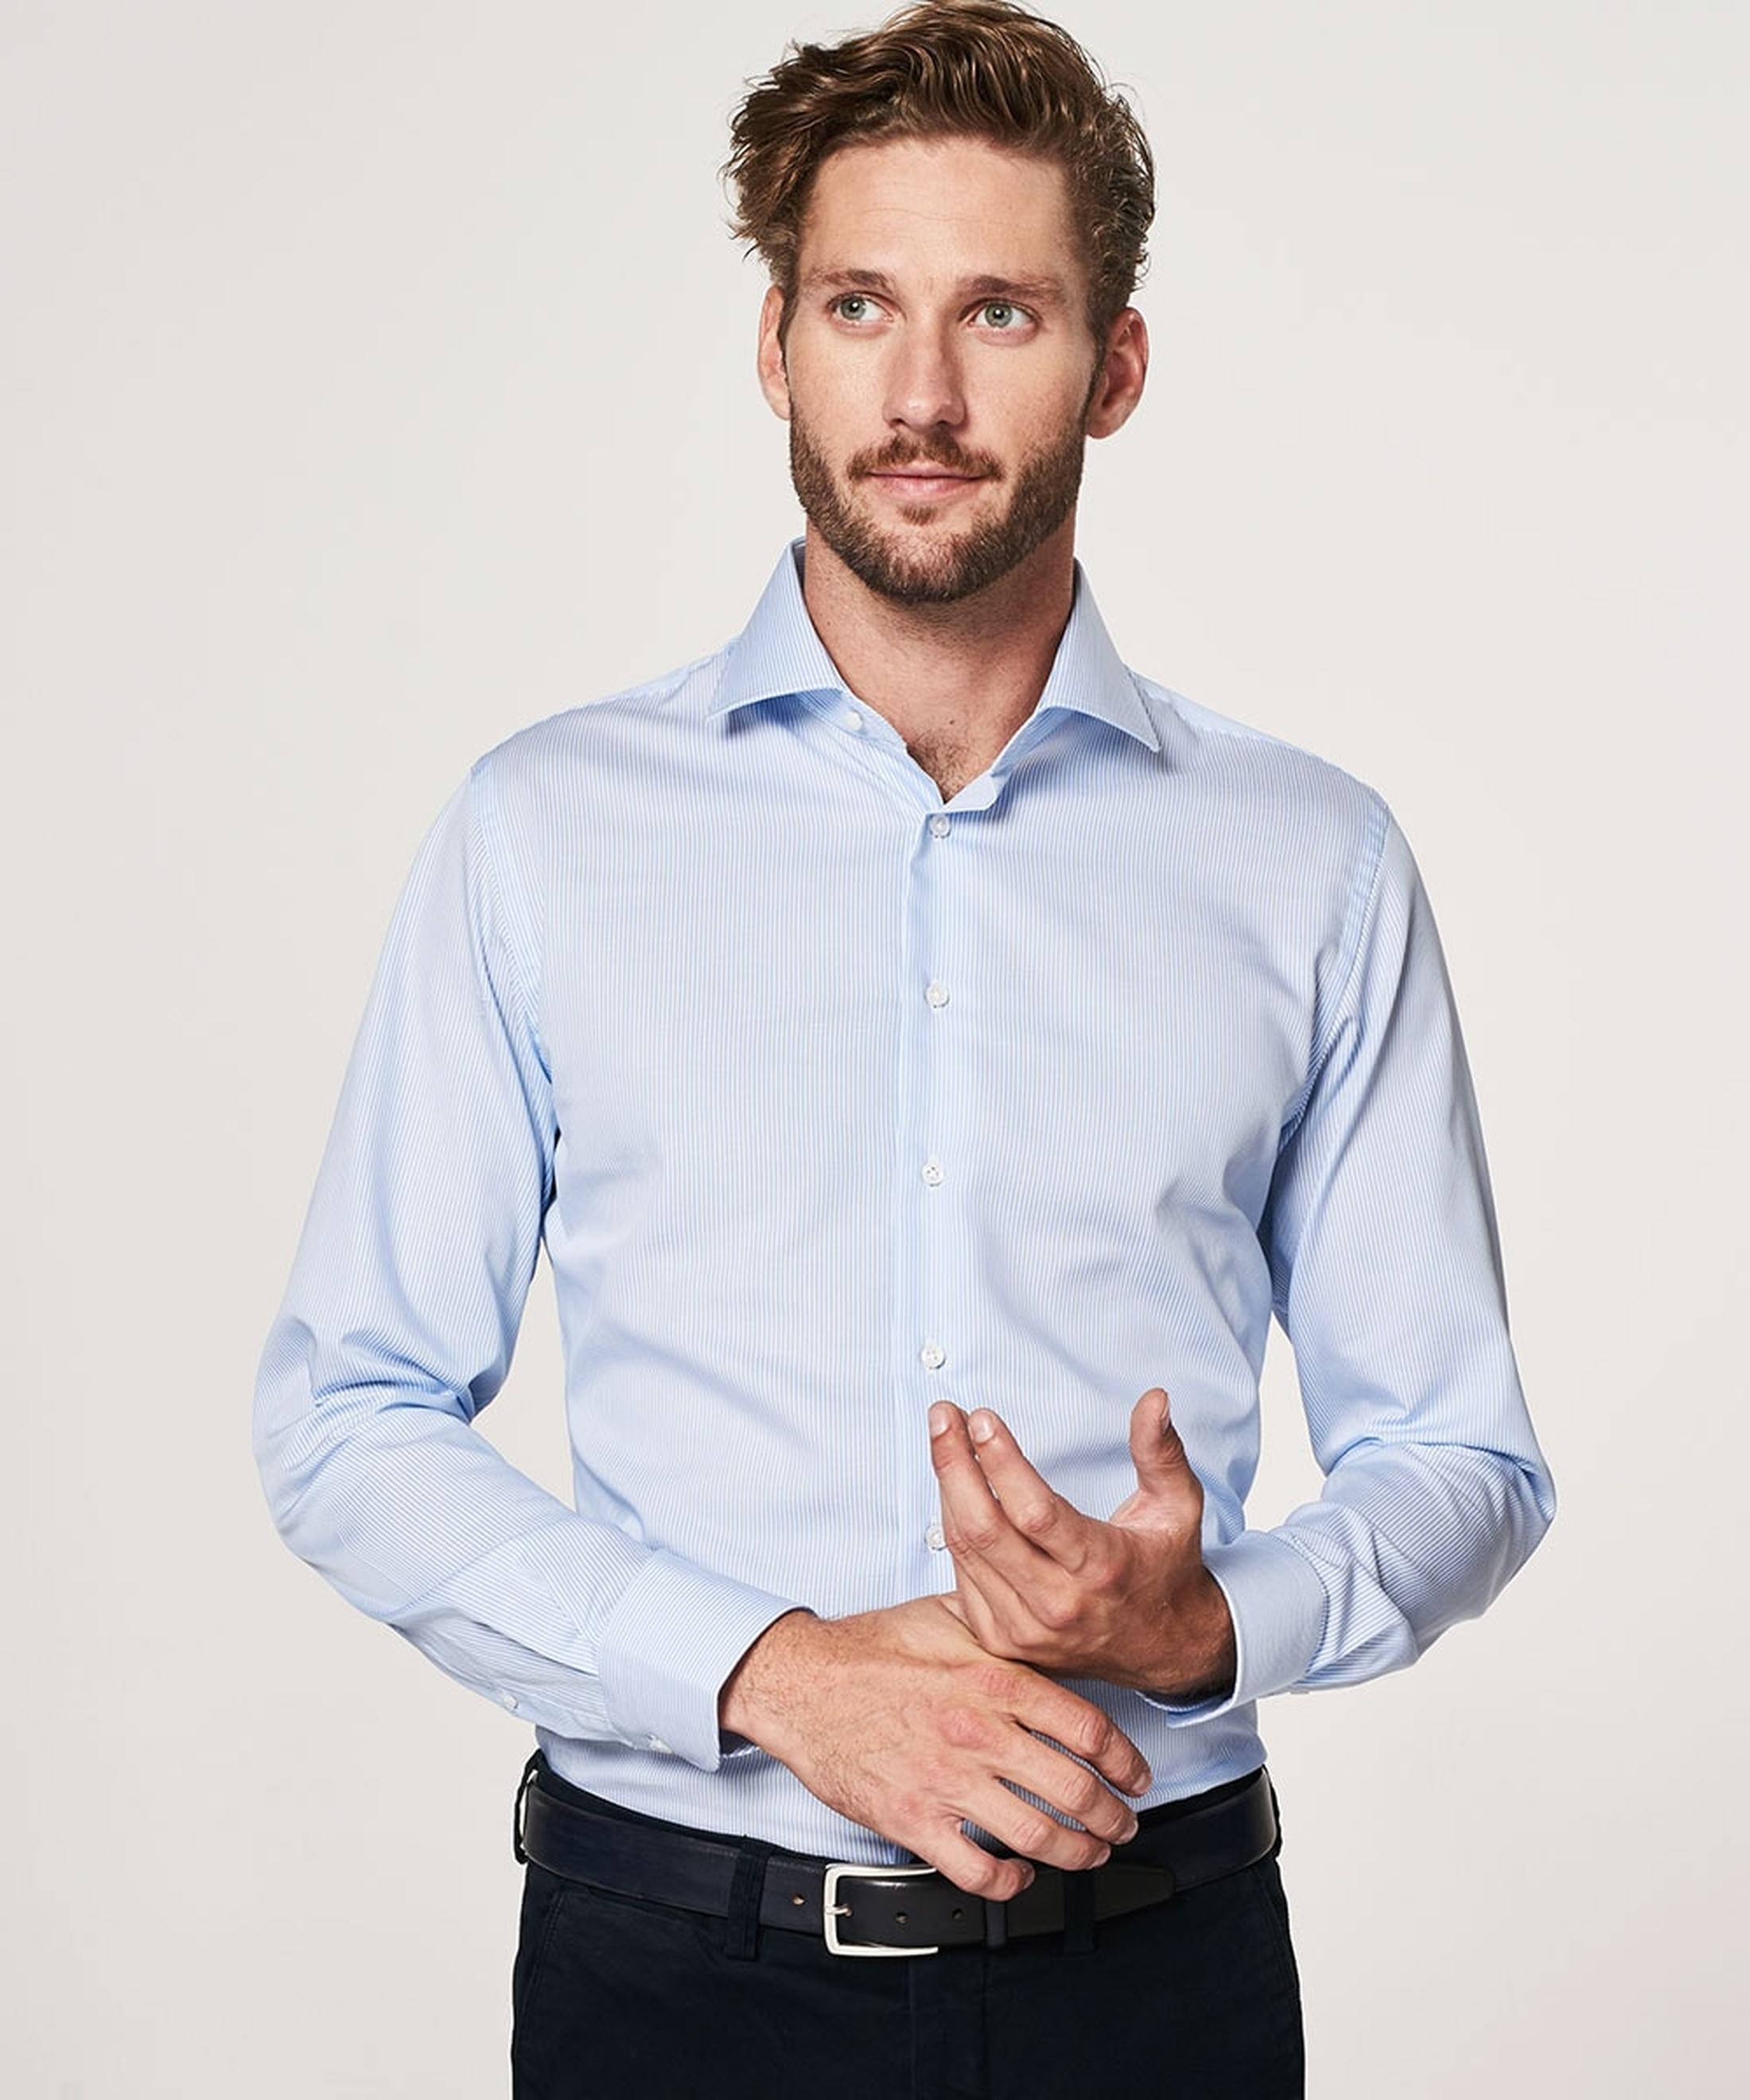 Profuomo Shirt Light Blue Striped